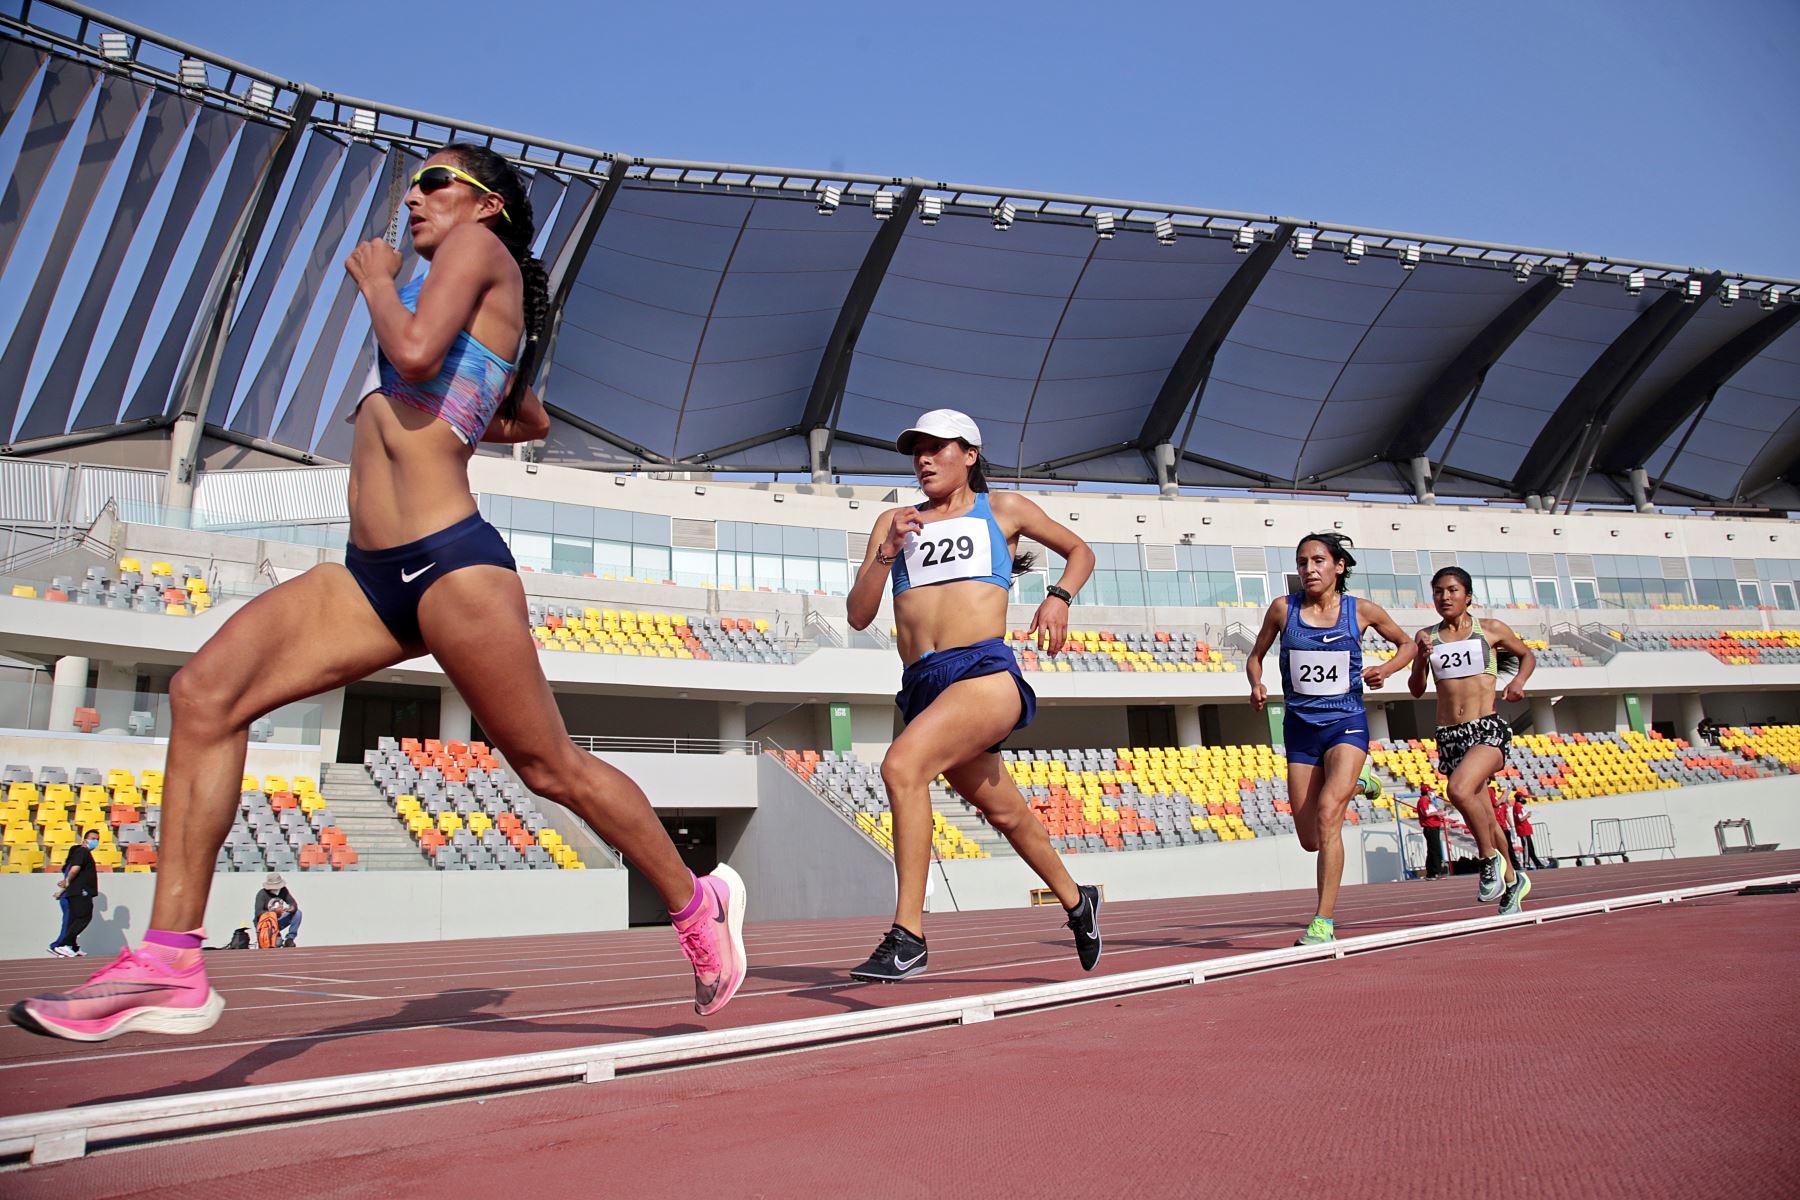 Hoy se desarrolló el Tercer Control Preparatorio de Atletismo en la Videna. Participaron Gladys Tejeda, quién resaltó el mantenimiento del Estadio Atlético, y Christian Pacheco, ambos clasificados a Tokio 2020. Foto: LEGADO